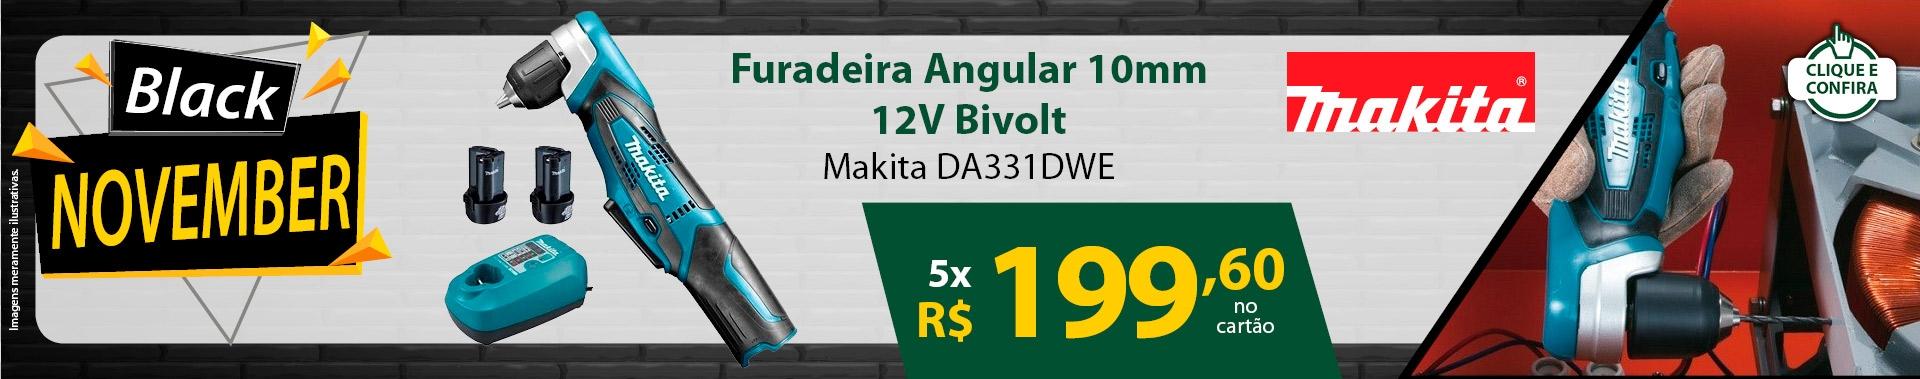 Furadeira Angular 10mm 12V Bivolt - Makita DA331DWE